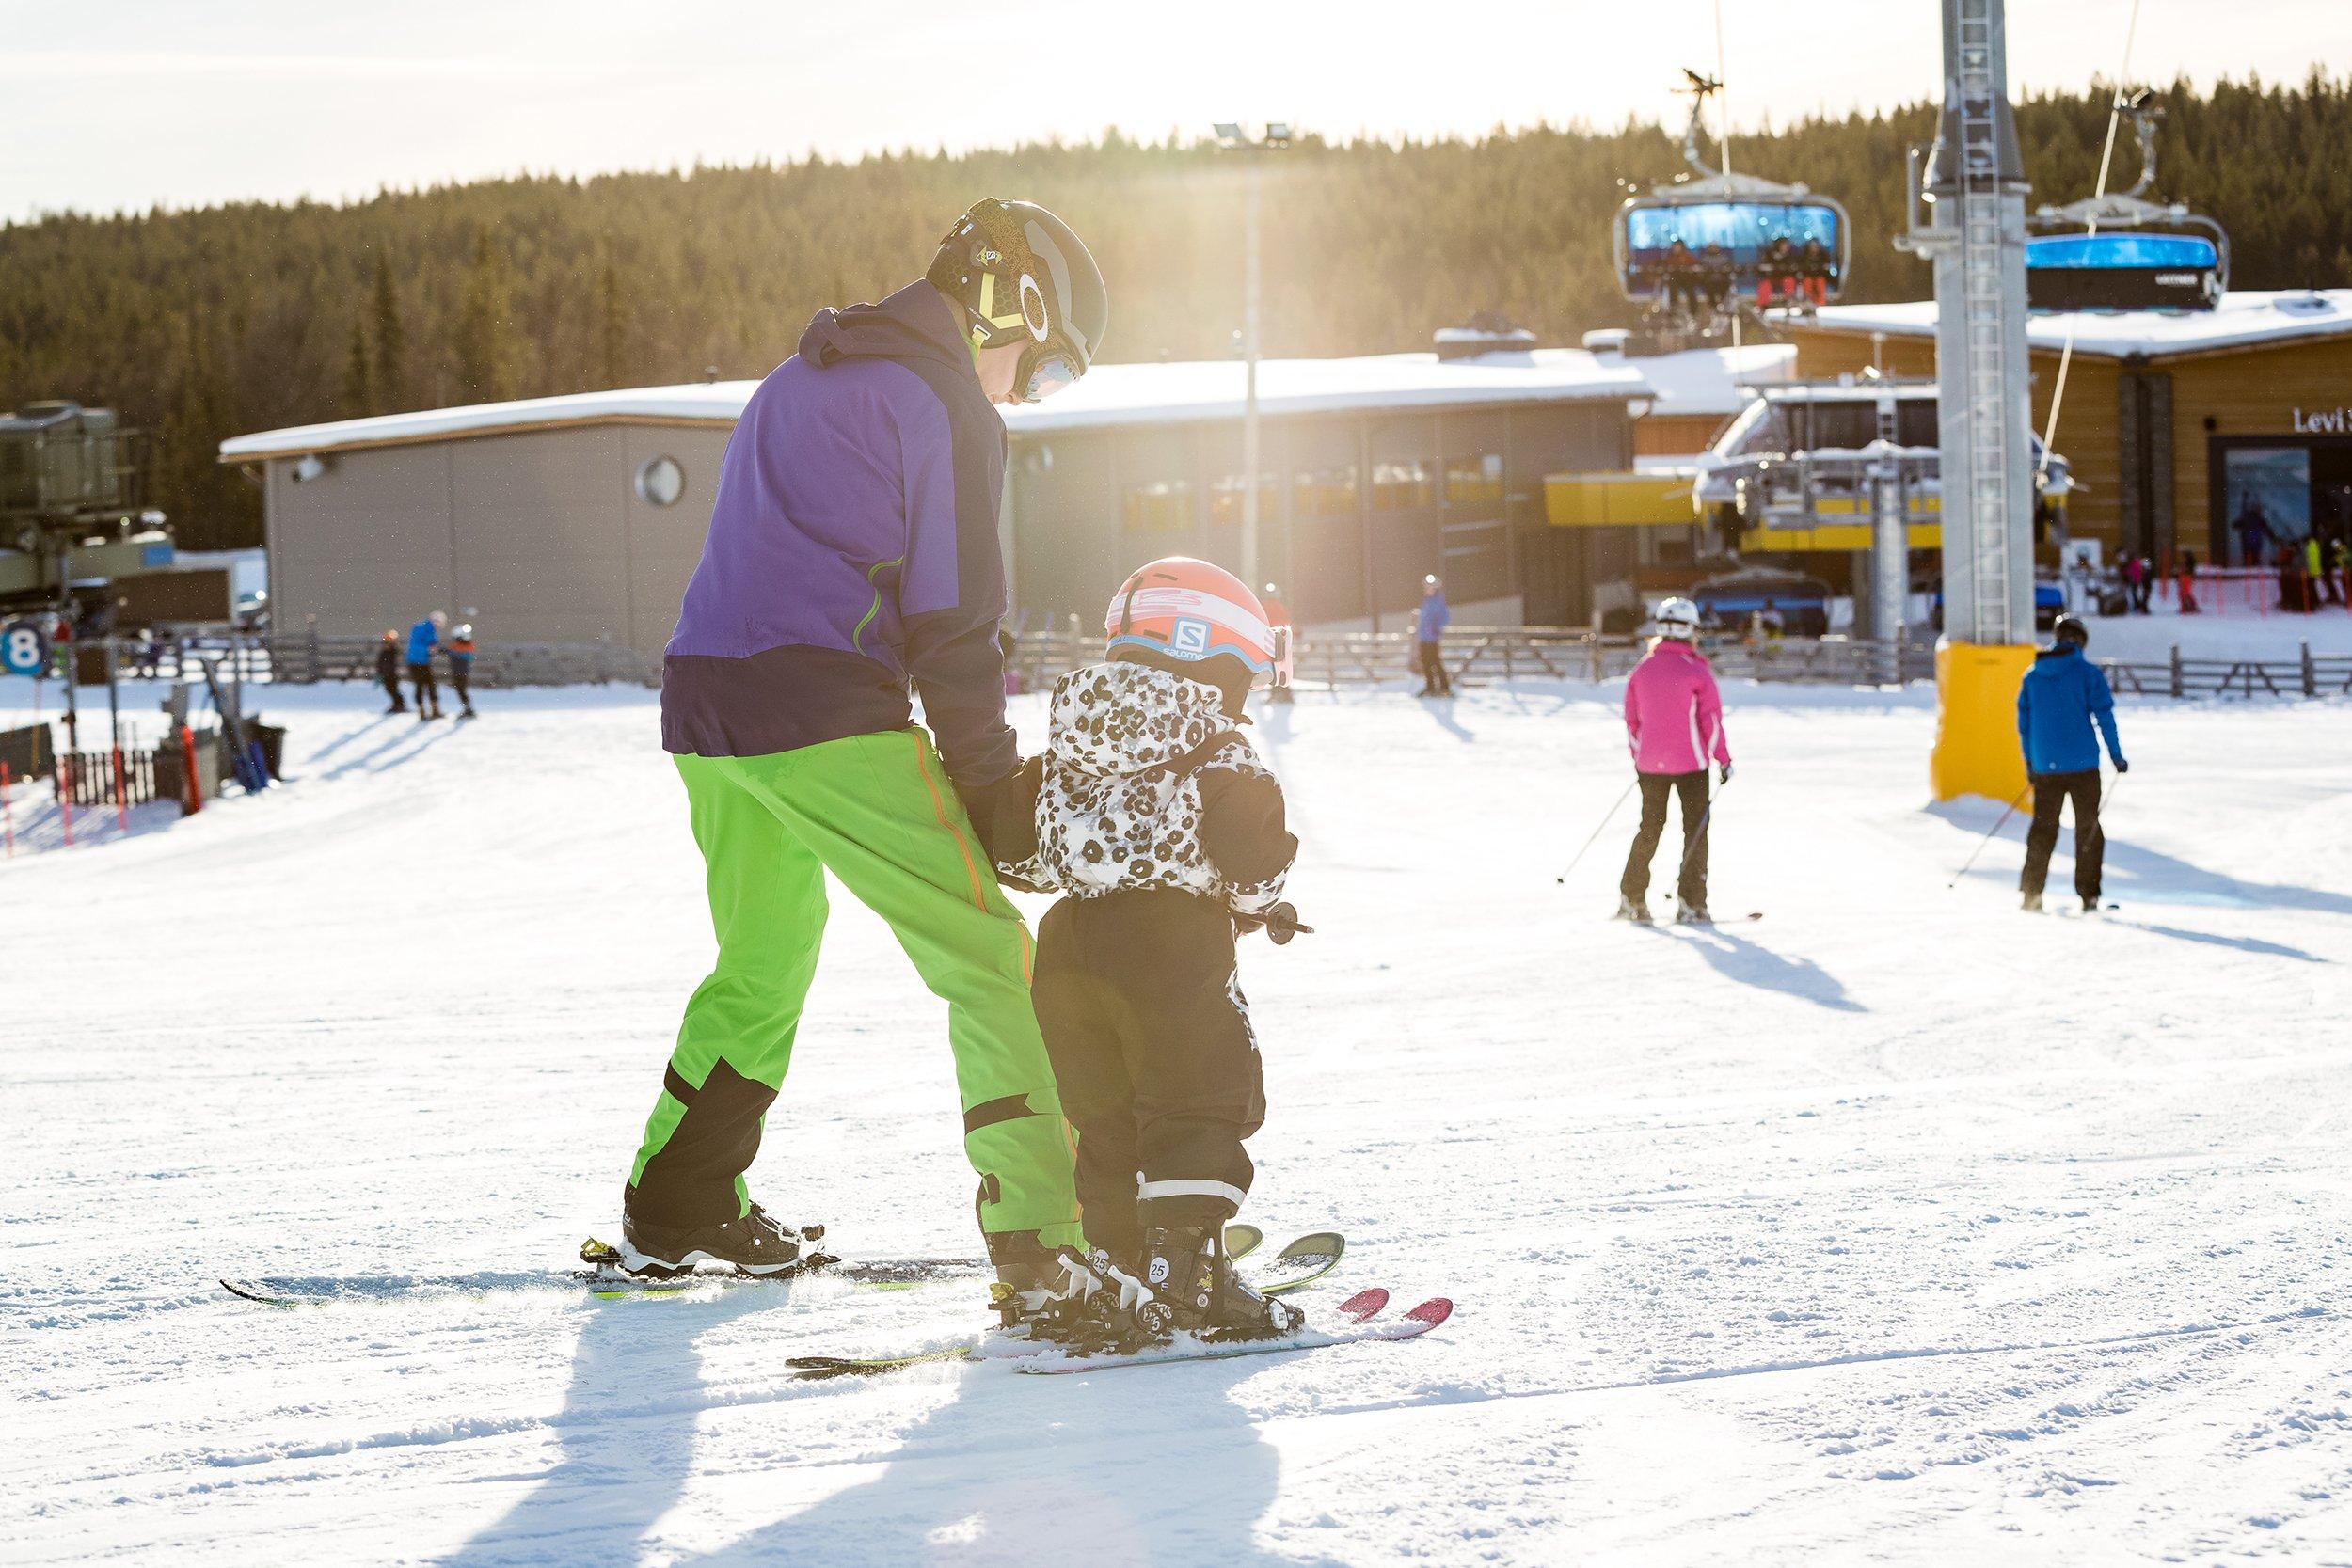 Family skiing 4 Levi-1